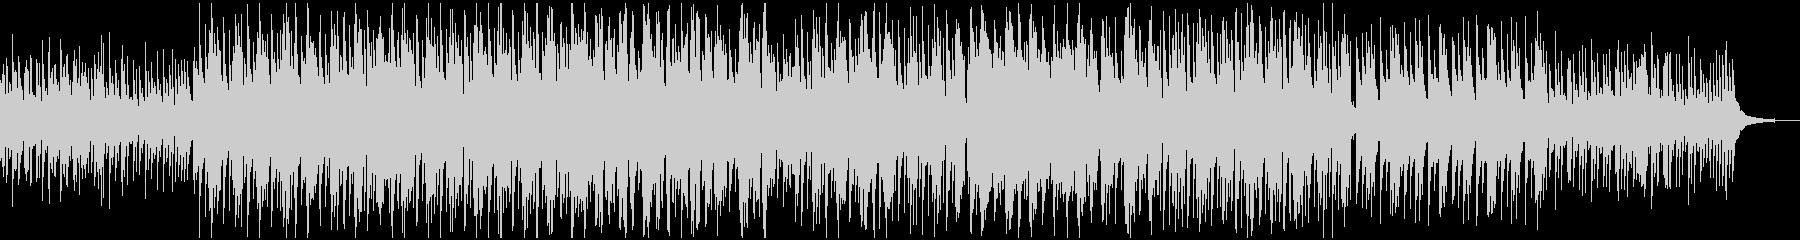 切ない綺麗なピアノのBGMの未再生の波形